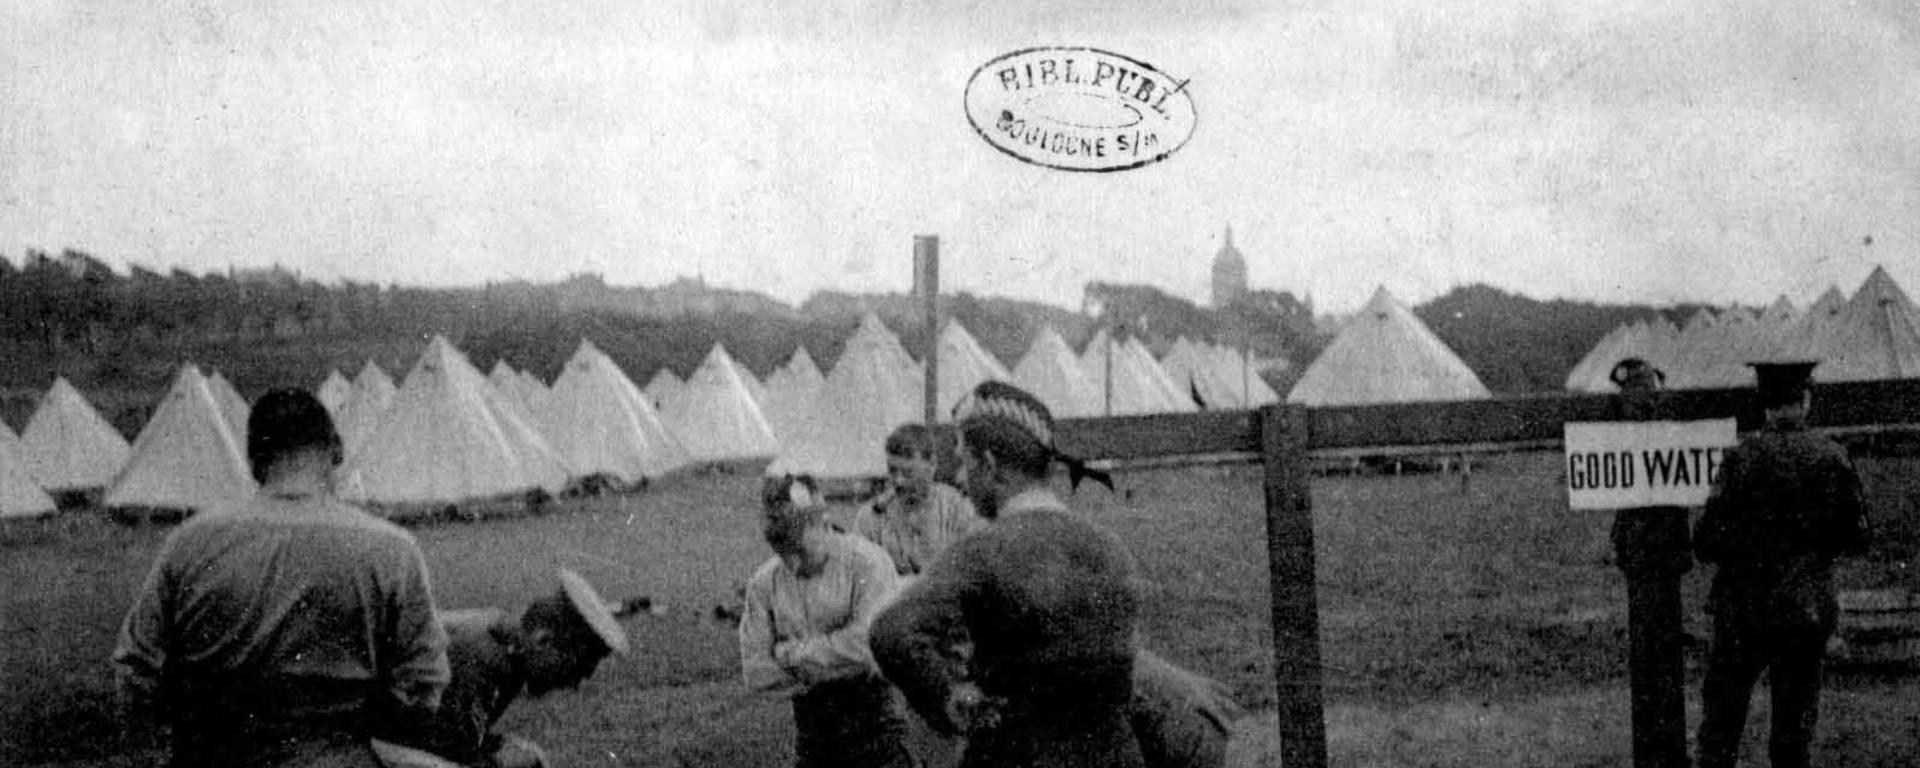 Première Guerre Mondiale : Camp anglais à Boulogne-sur-Mer